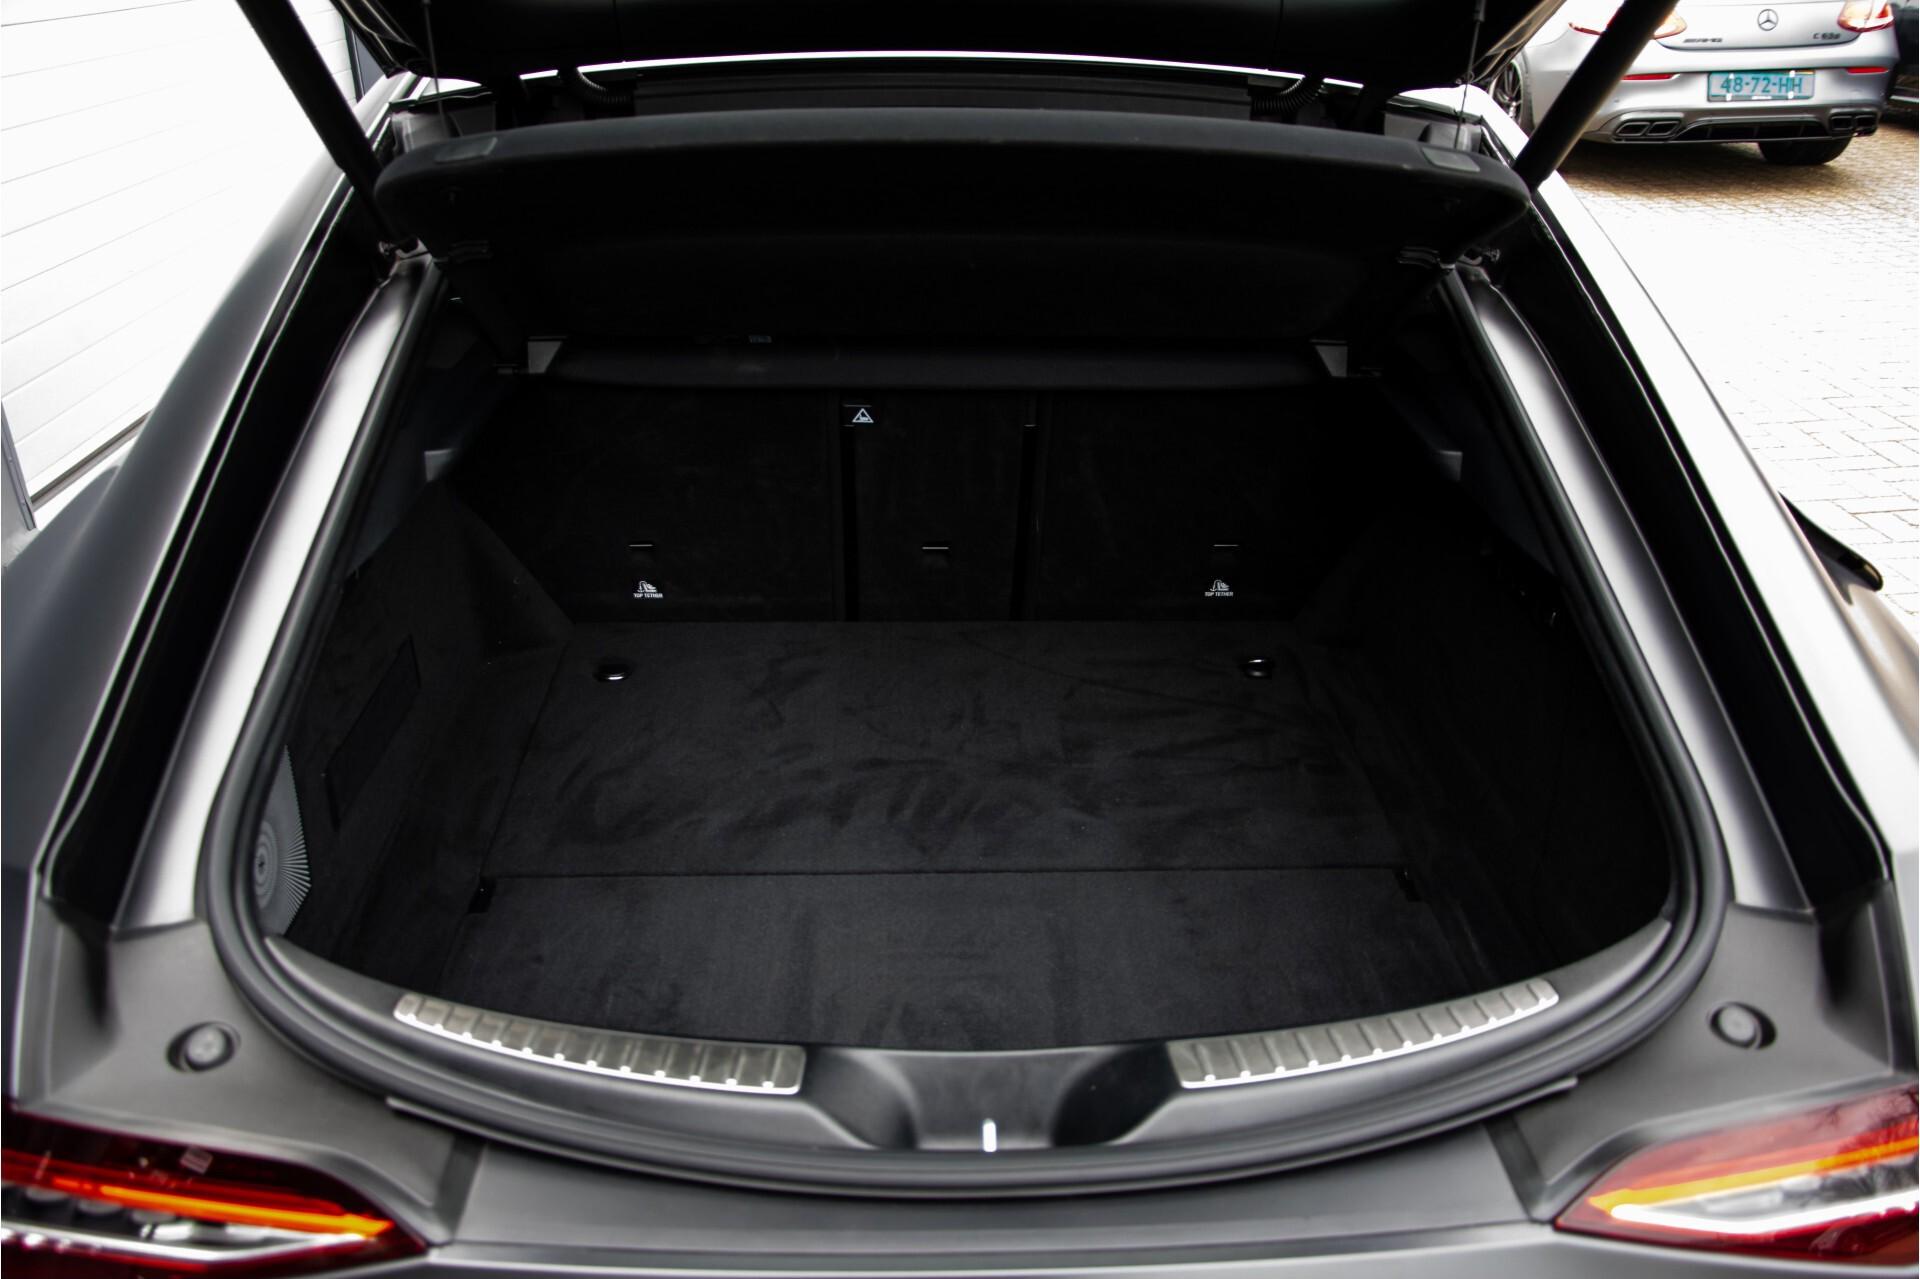 Mercedes-Benz AMG GT 4-Door Coupe 63 S 4M+ Keramisch/Full Carbon/Aerodynamica/Burmester 3D/TV/Performance stoelen/Standkachel Aut9 Foto 68